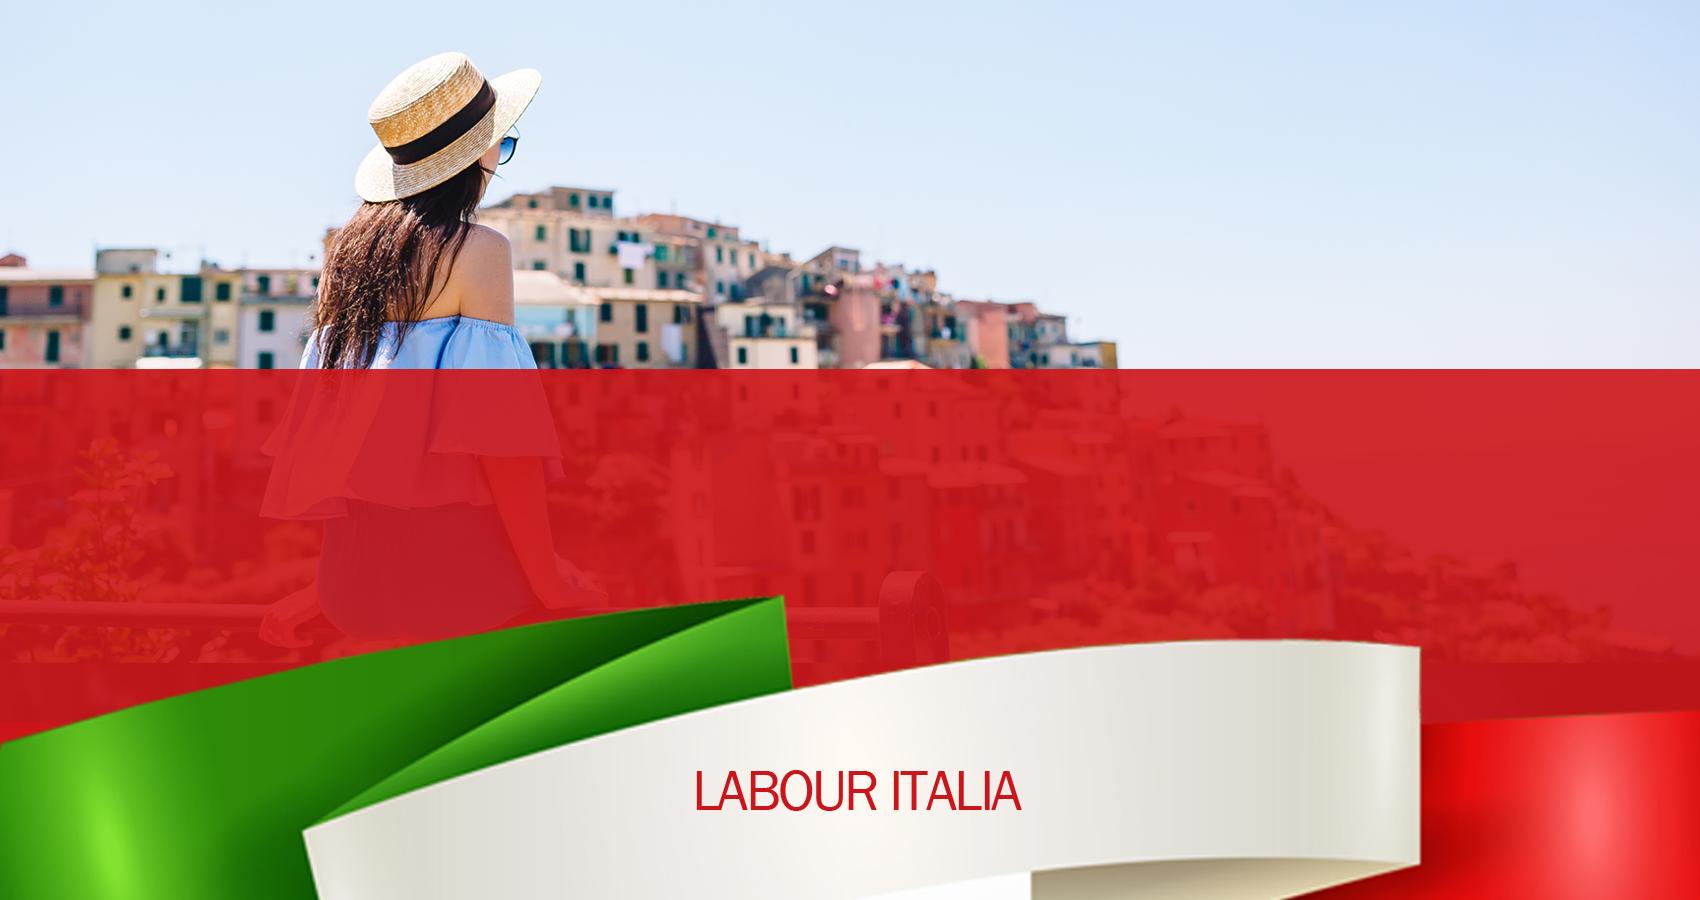 labour italia | giovani | futuro sostenibile